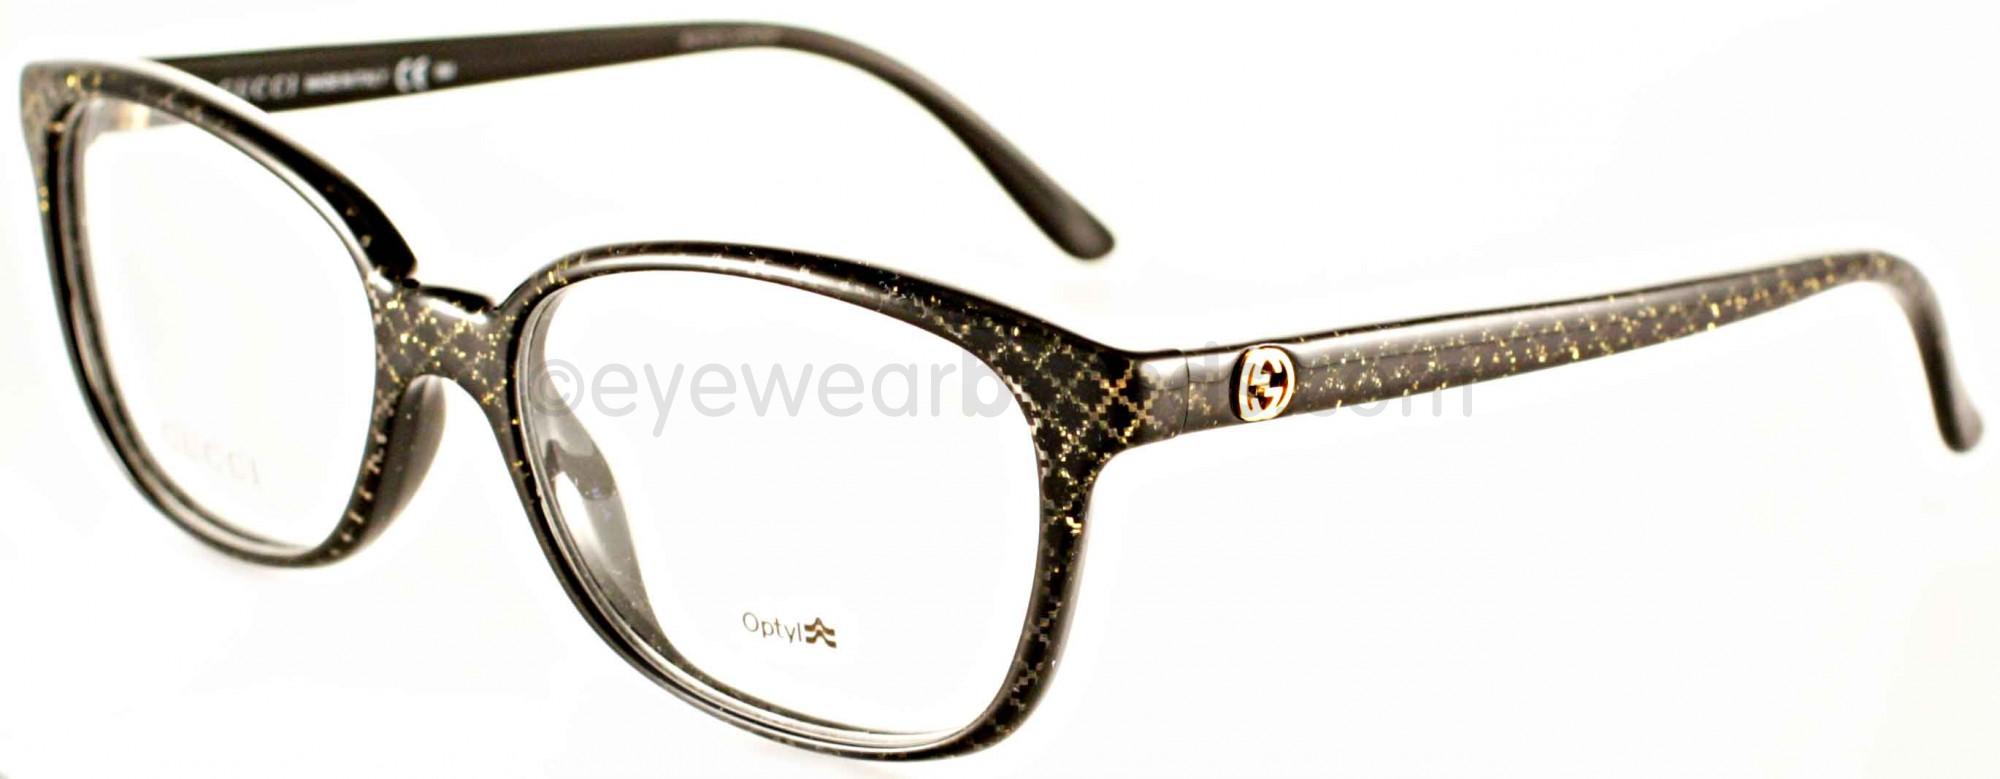 543cdaadb0d Gucci GG3629 DXF Black Glitter